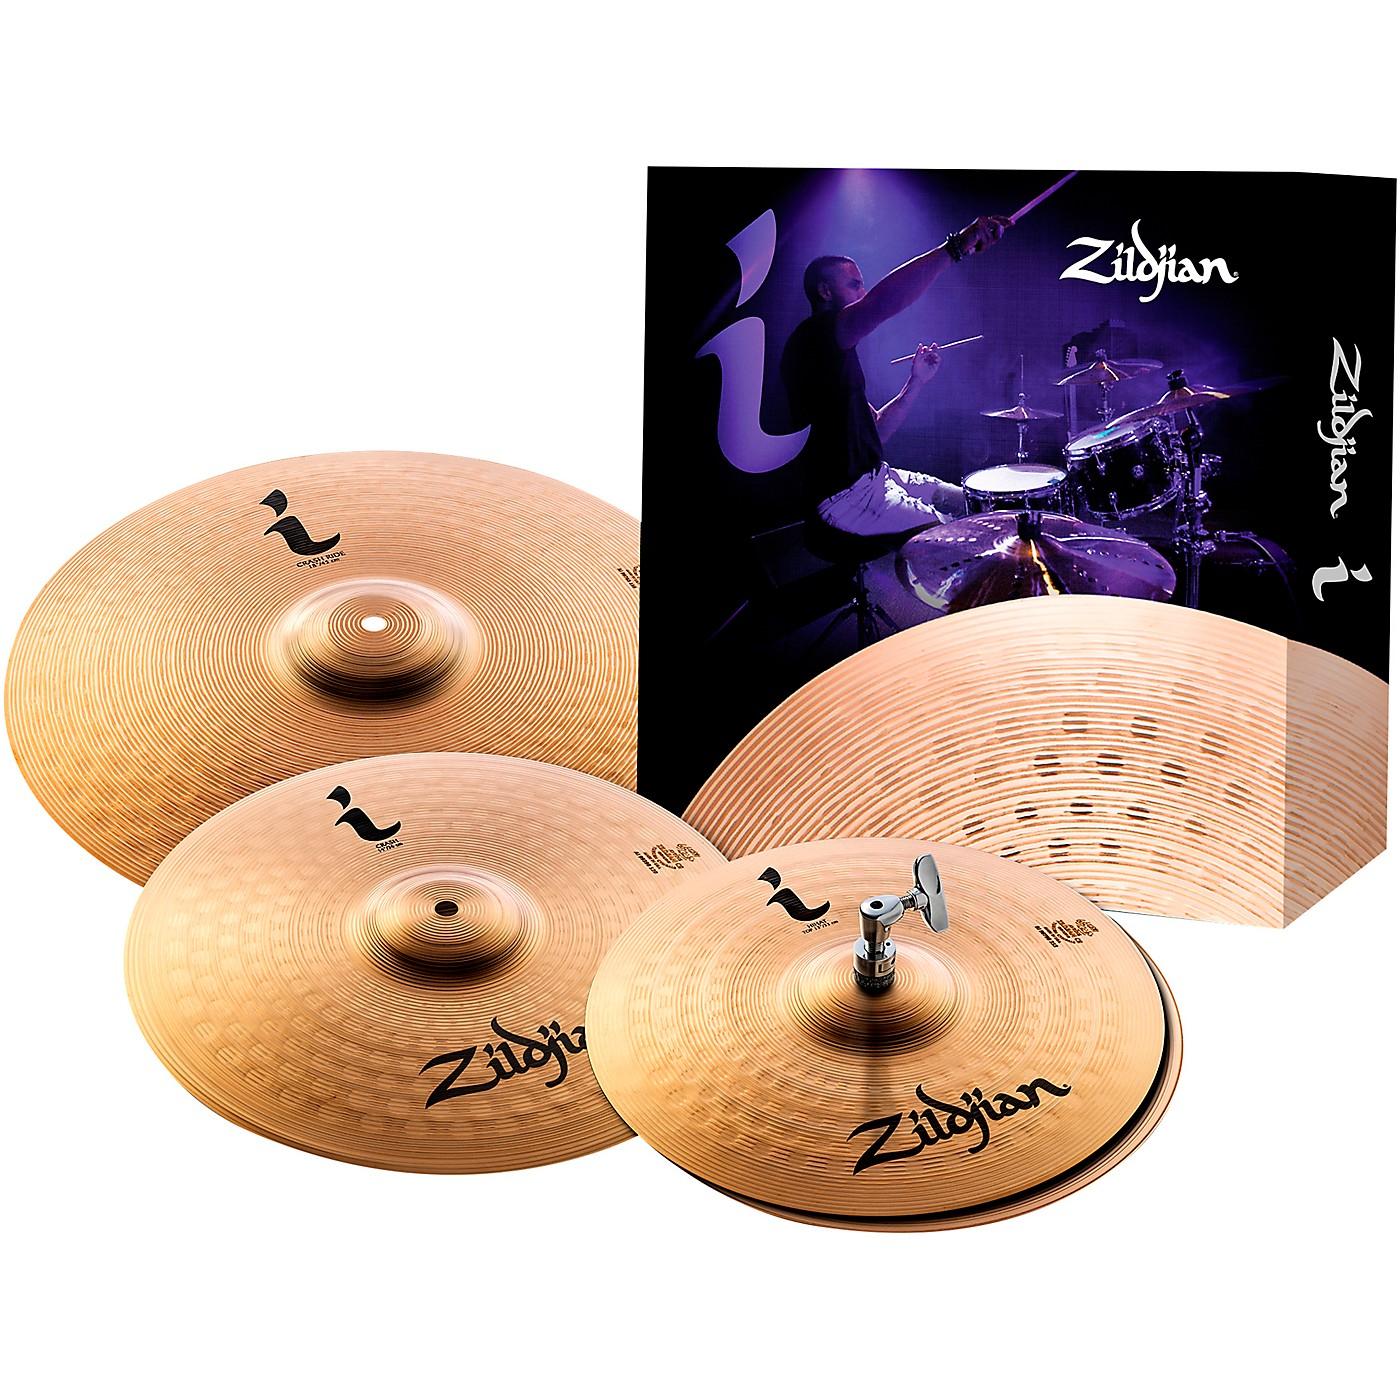 Zildjian I Series Essentials Plus Cymbal Set thumbnail